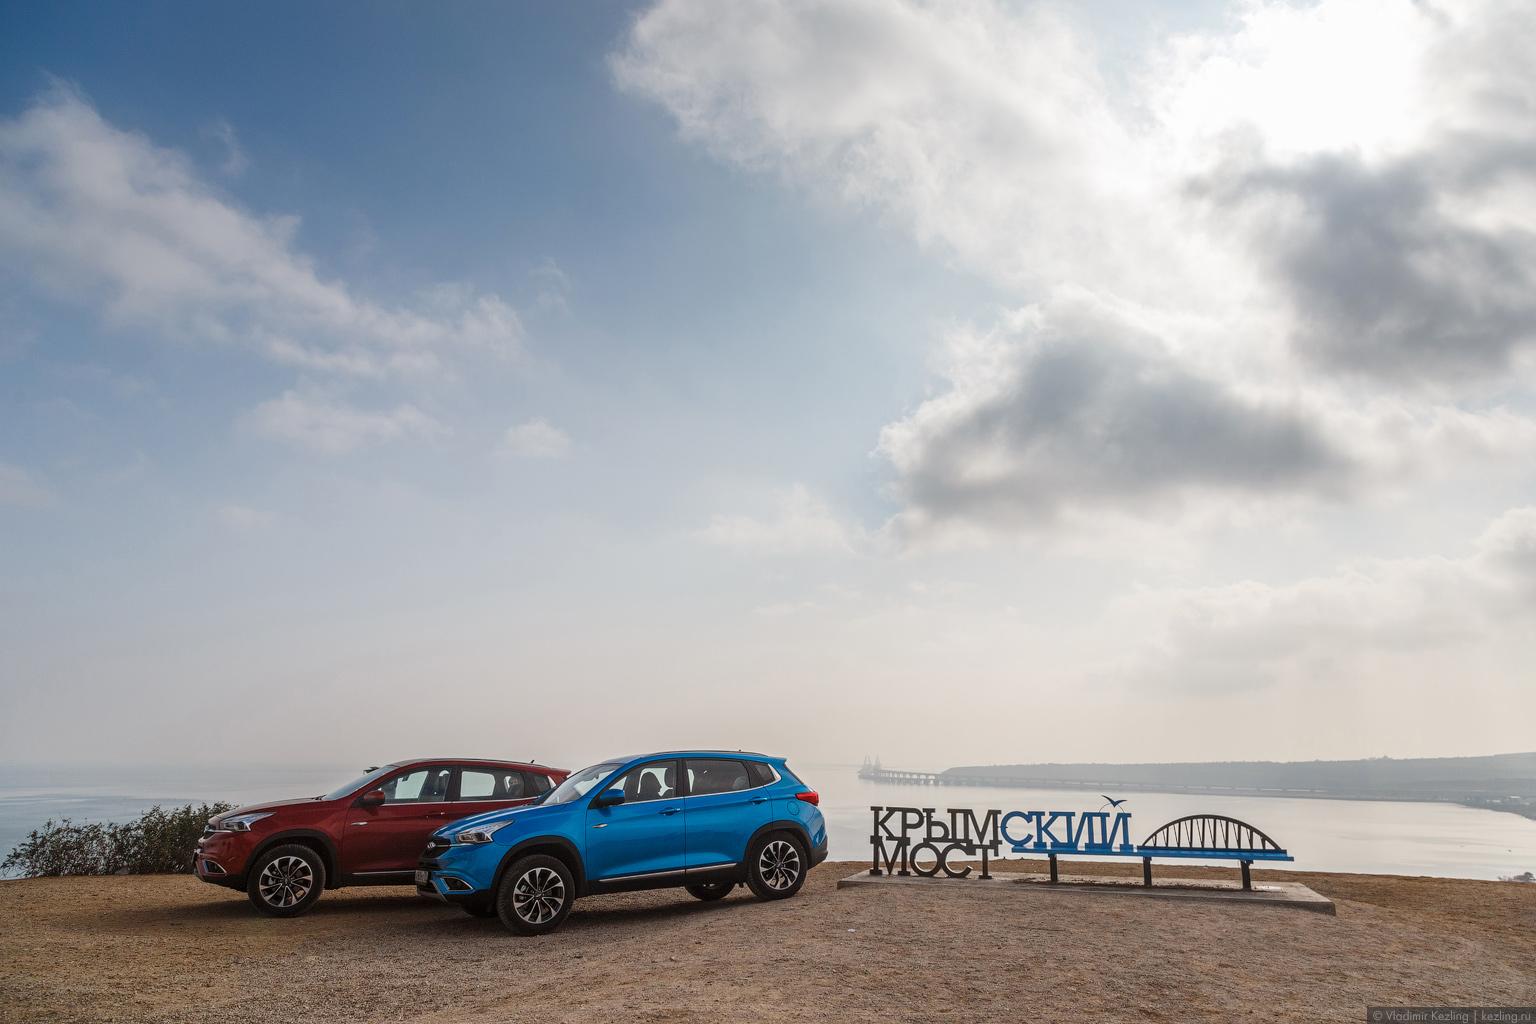 Крым в межсезонье. Пять лет спустя или Наш он всё-таки или чей?